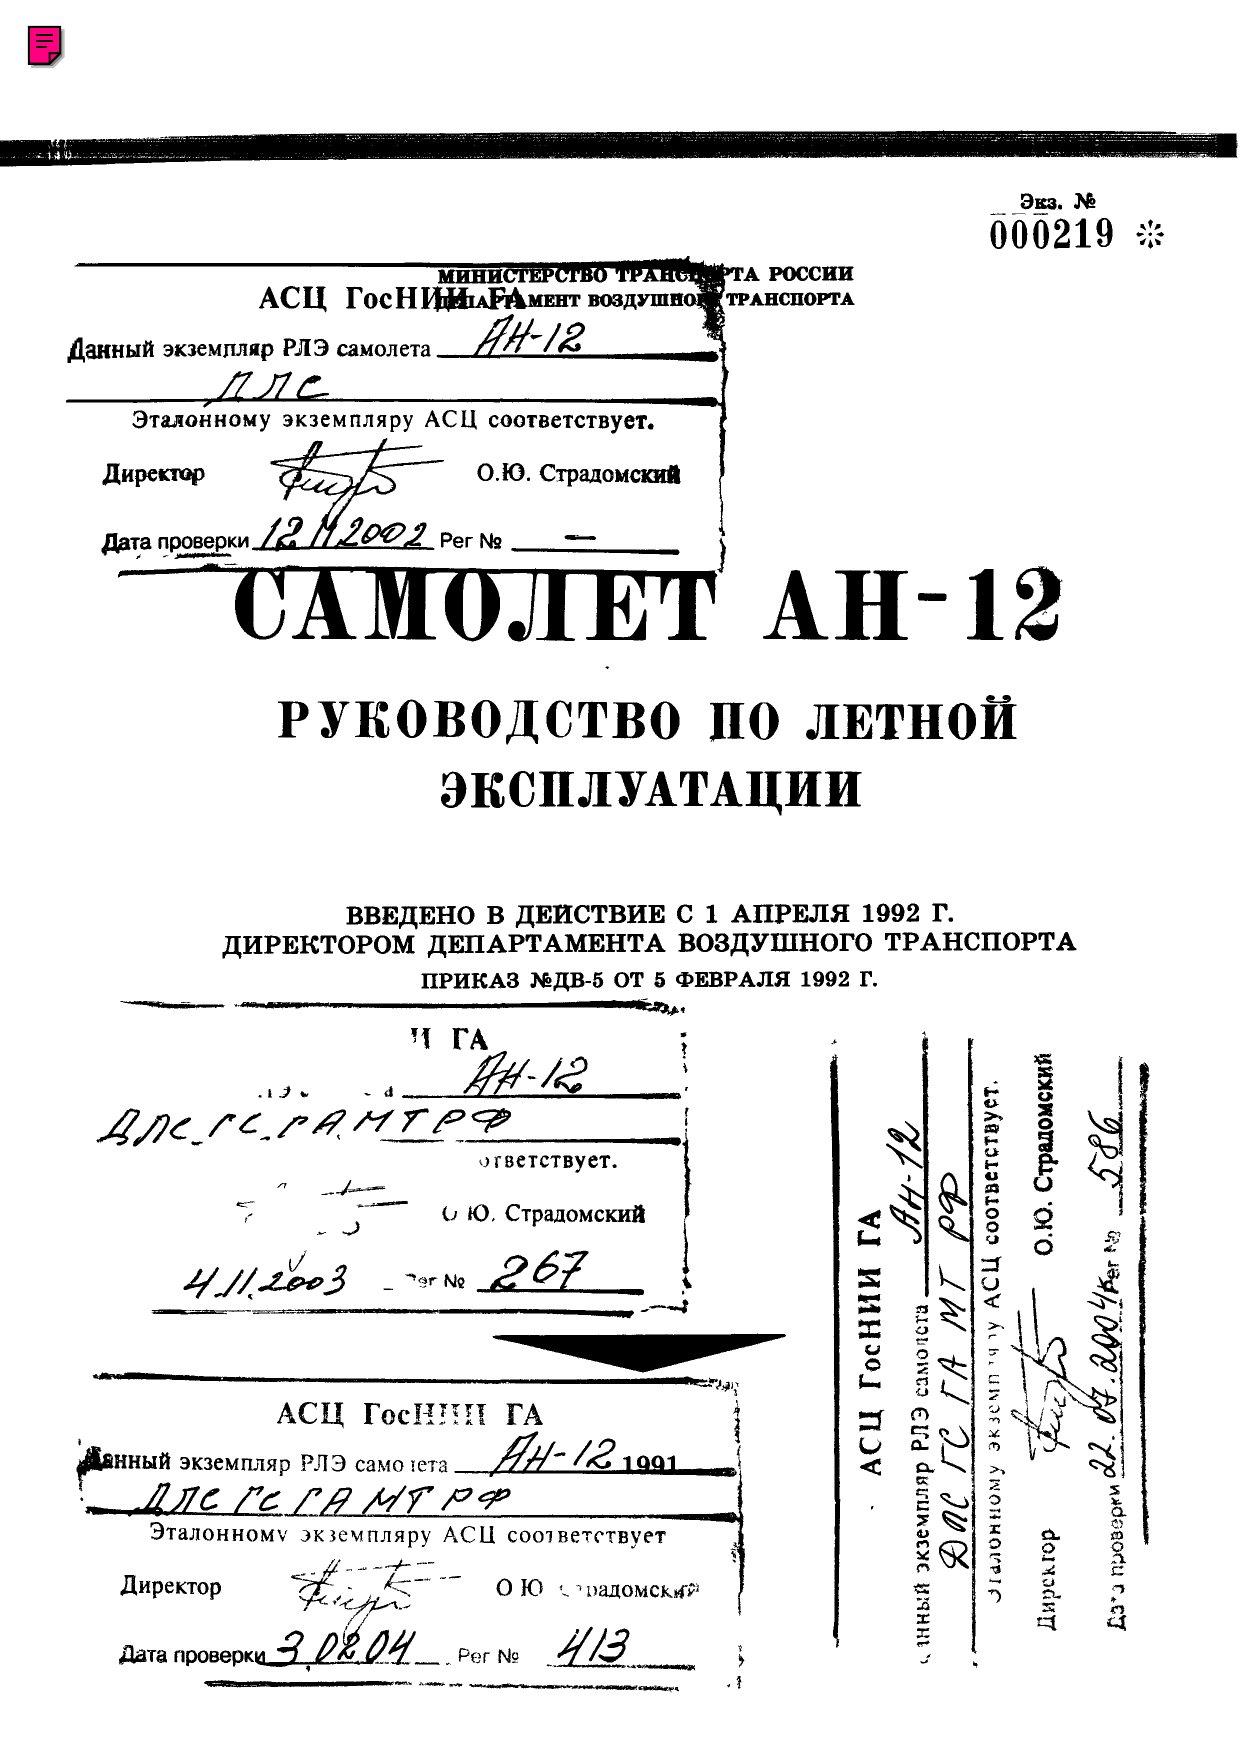 Руководство по летной эксплуатации самолета Ан-12